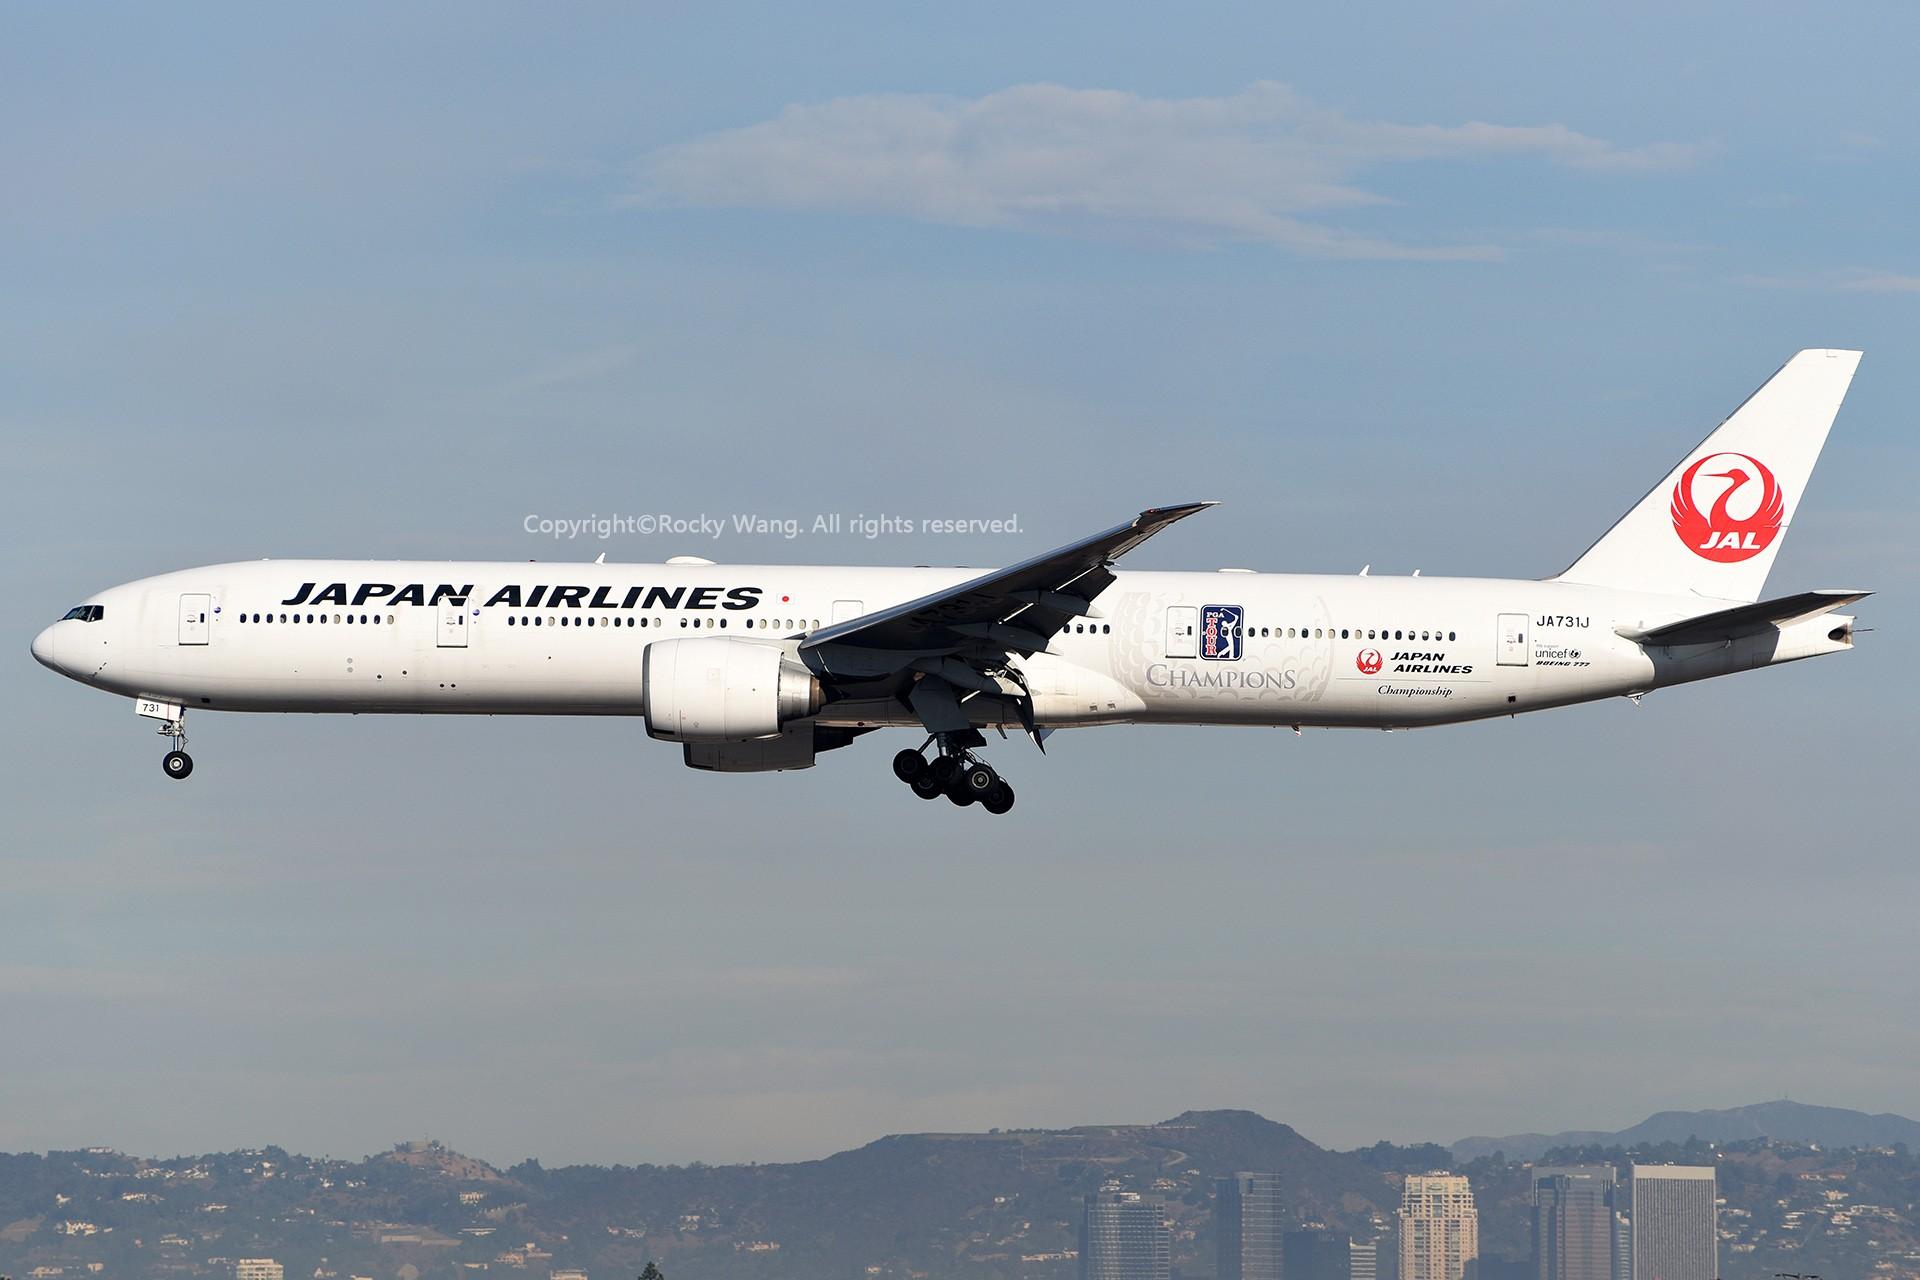 Re:[原创]KLAX 30图 BOEING 777-346ER JA731J Los Angeles Int'l Airport